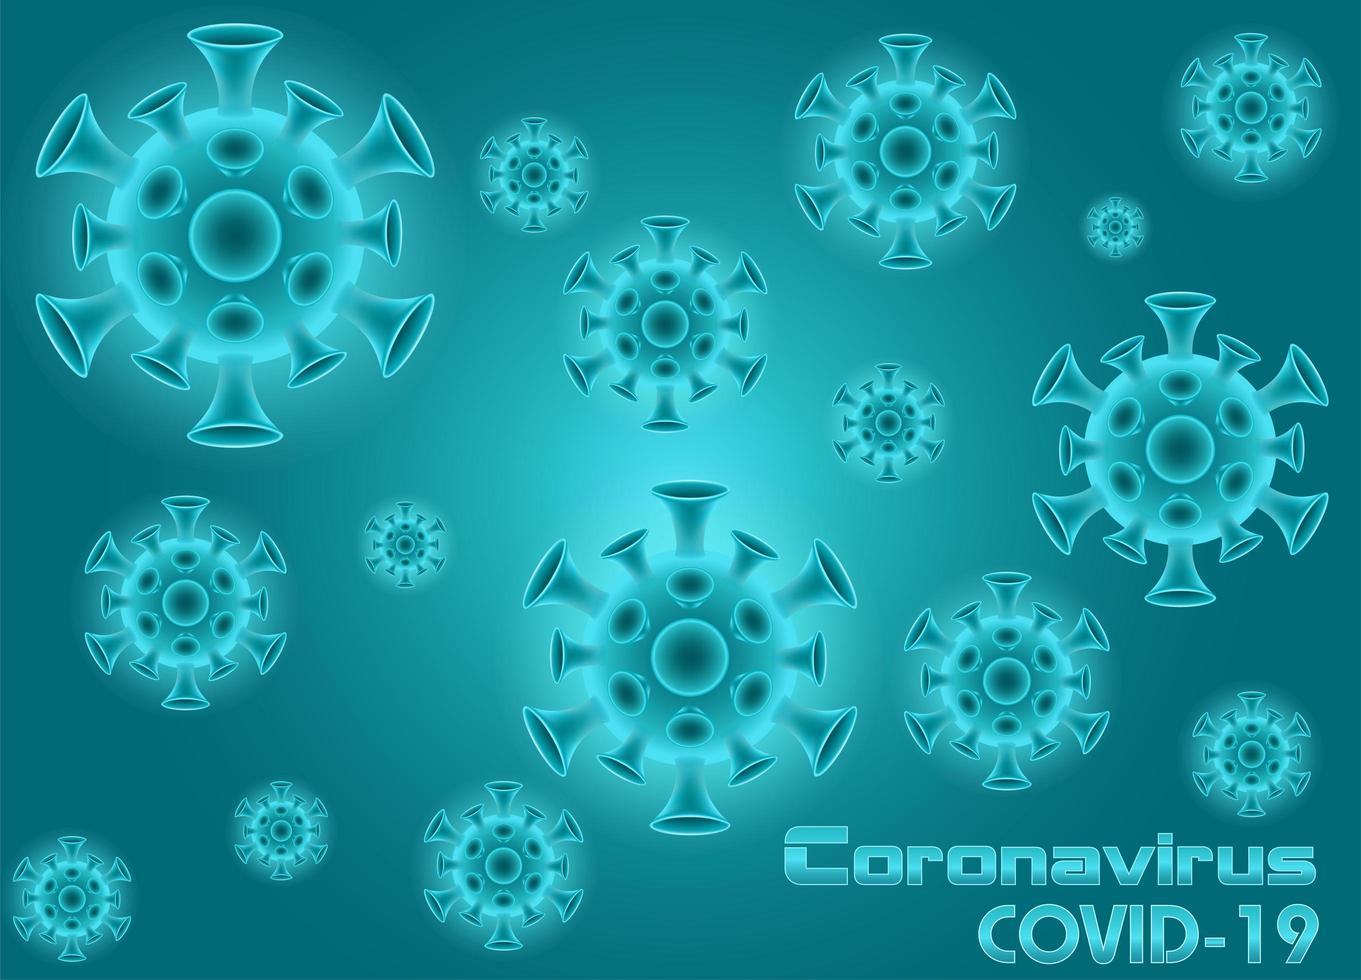 histórico de coronavírus pandêmico covid-19 vetor